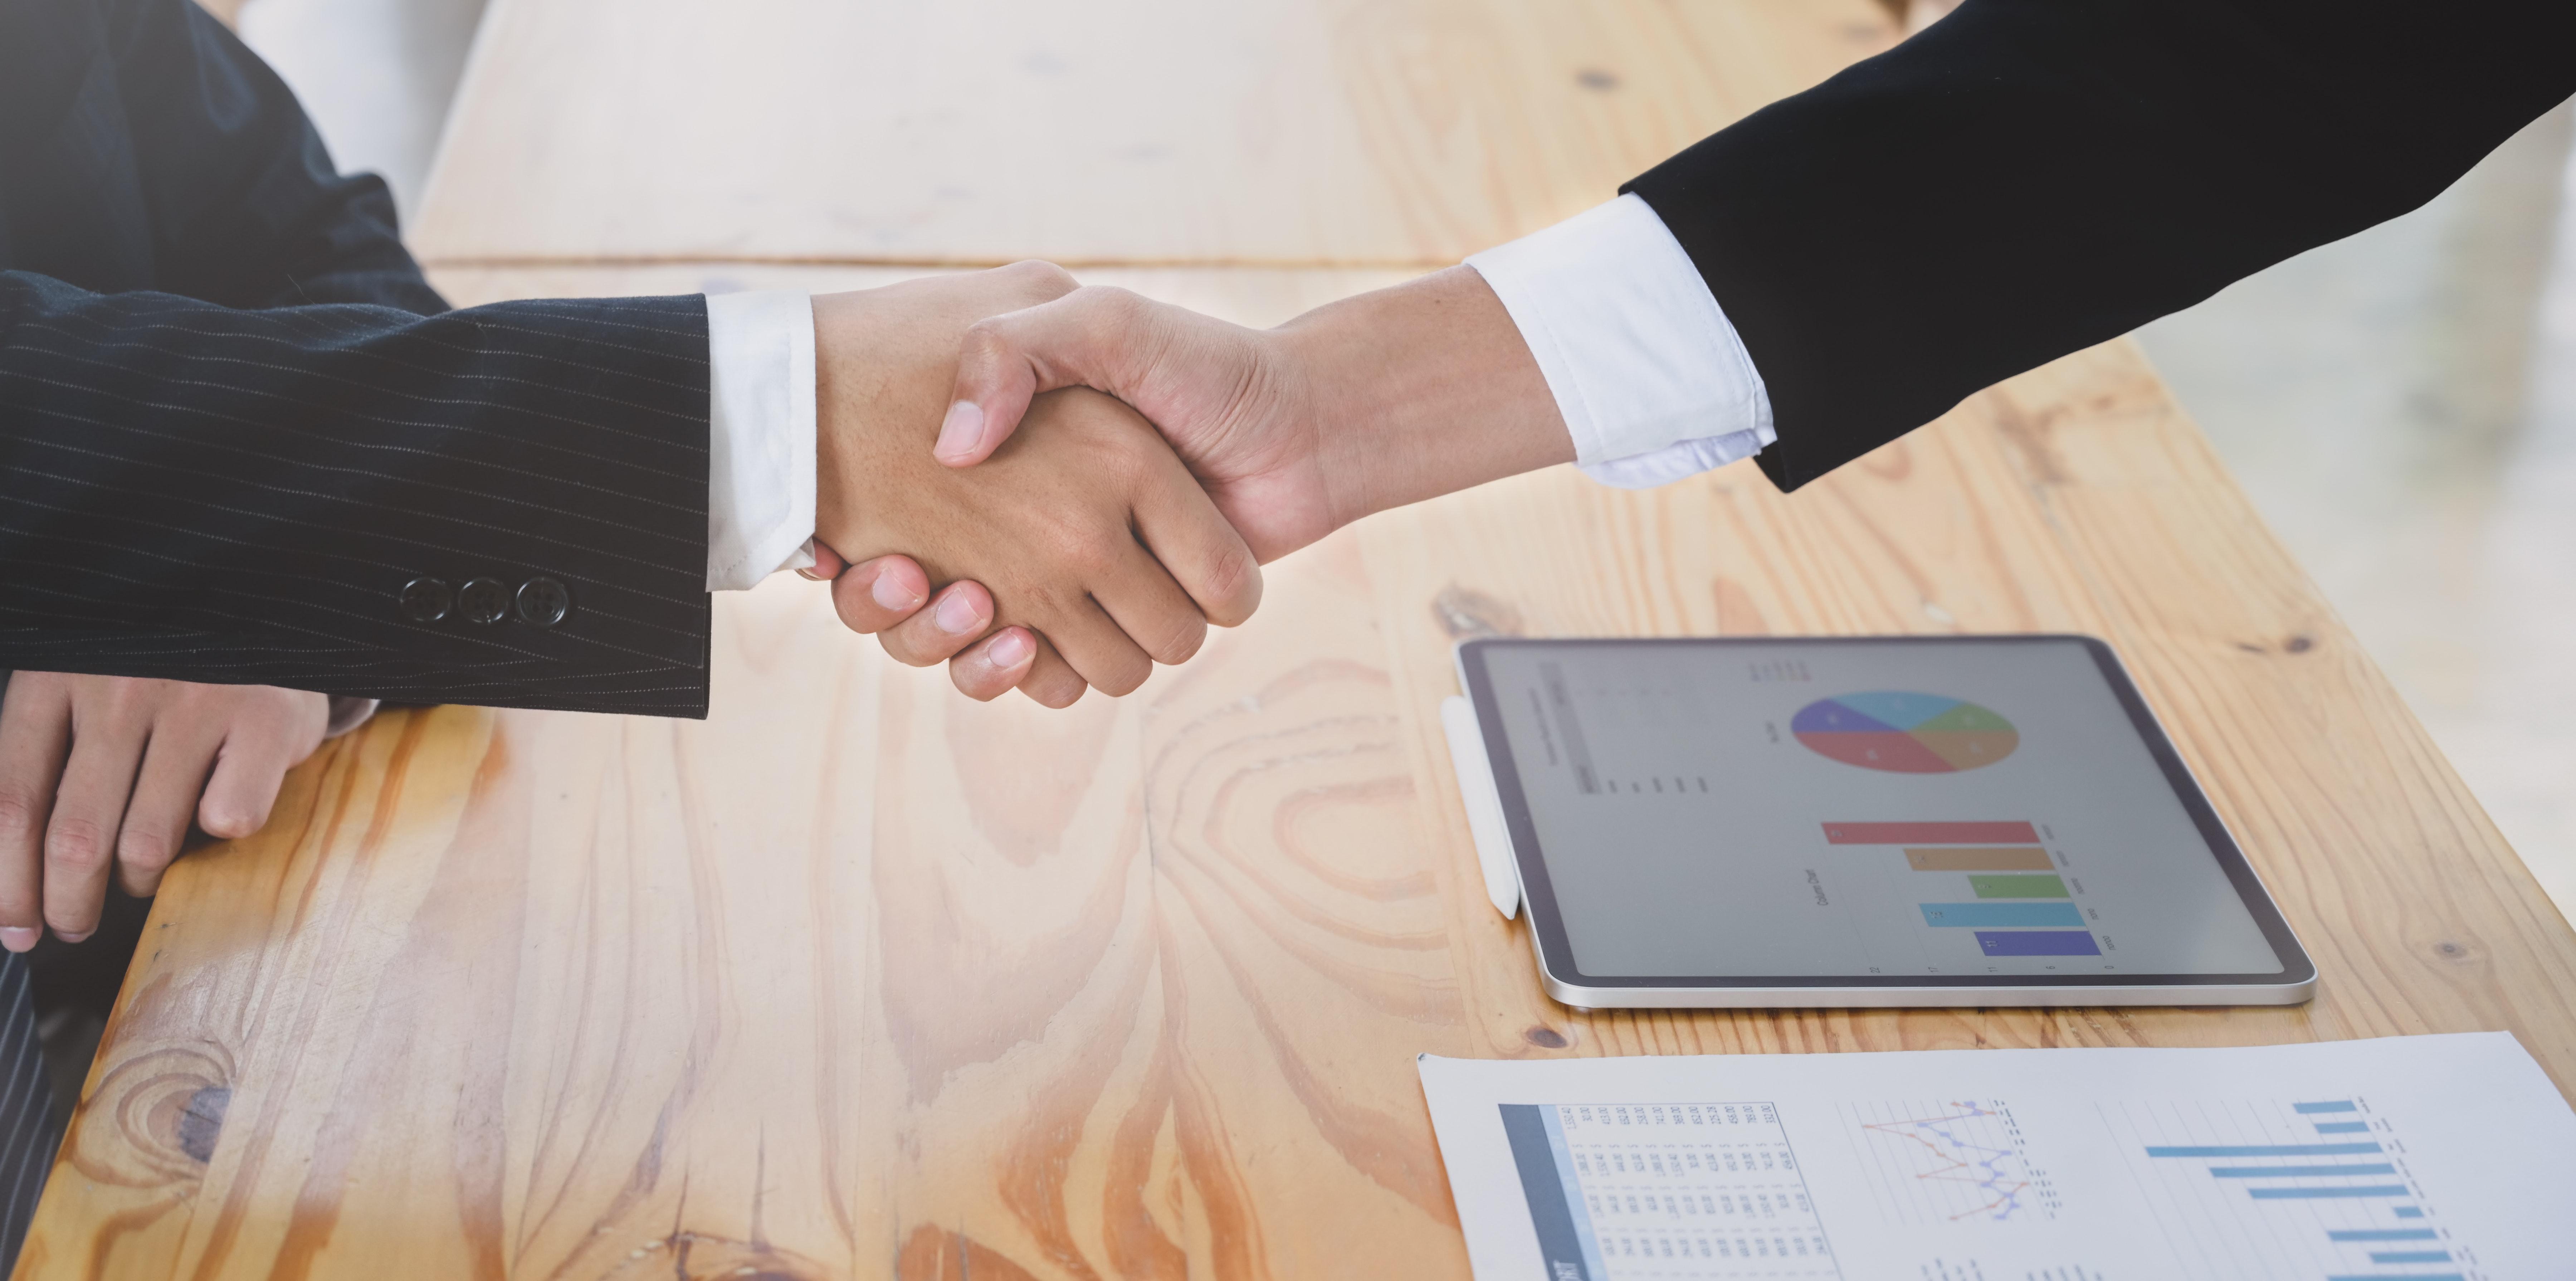 Munca cu forme legale, beneficiu garantat pentru angajati si angajatori